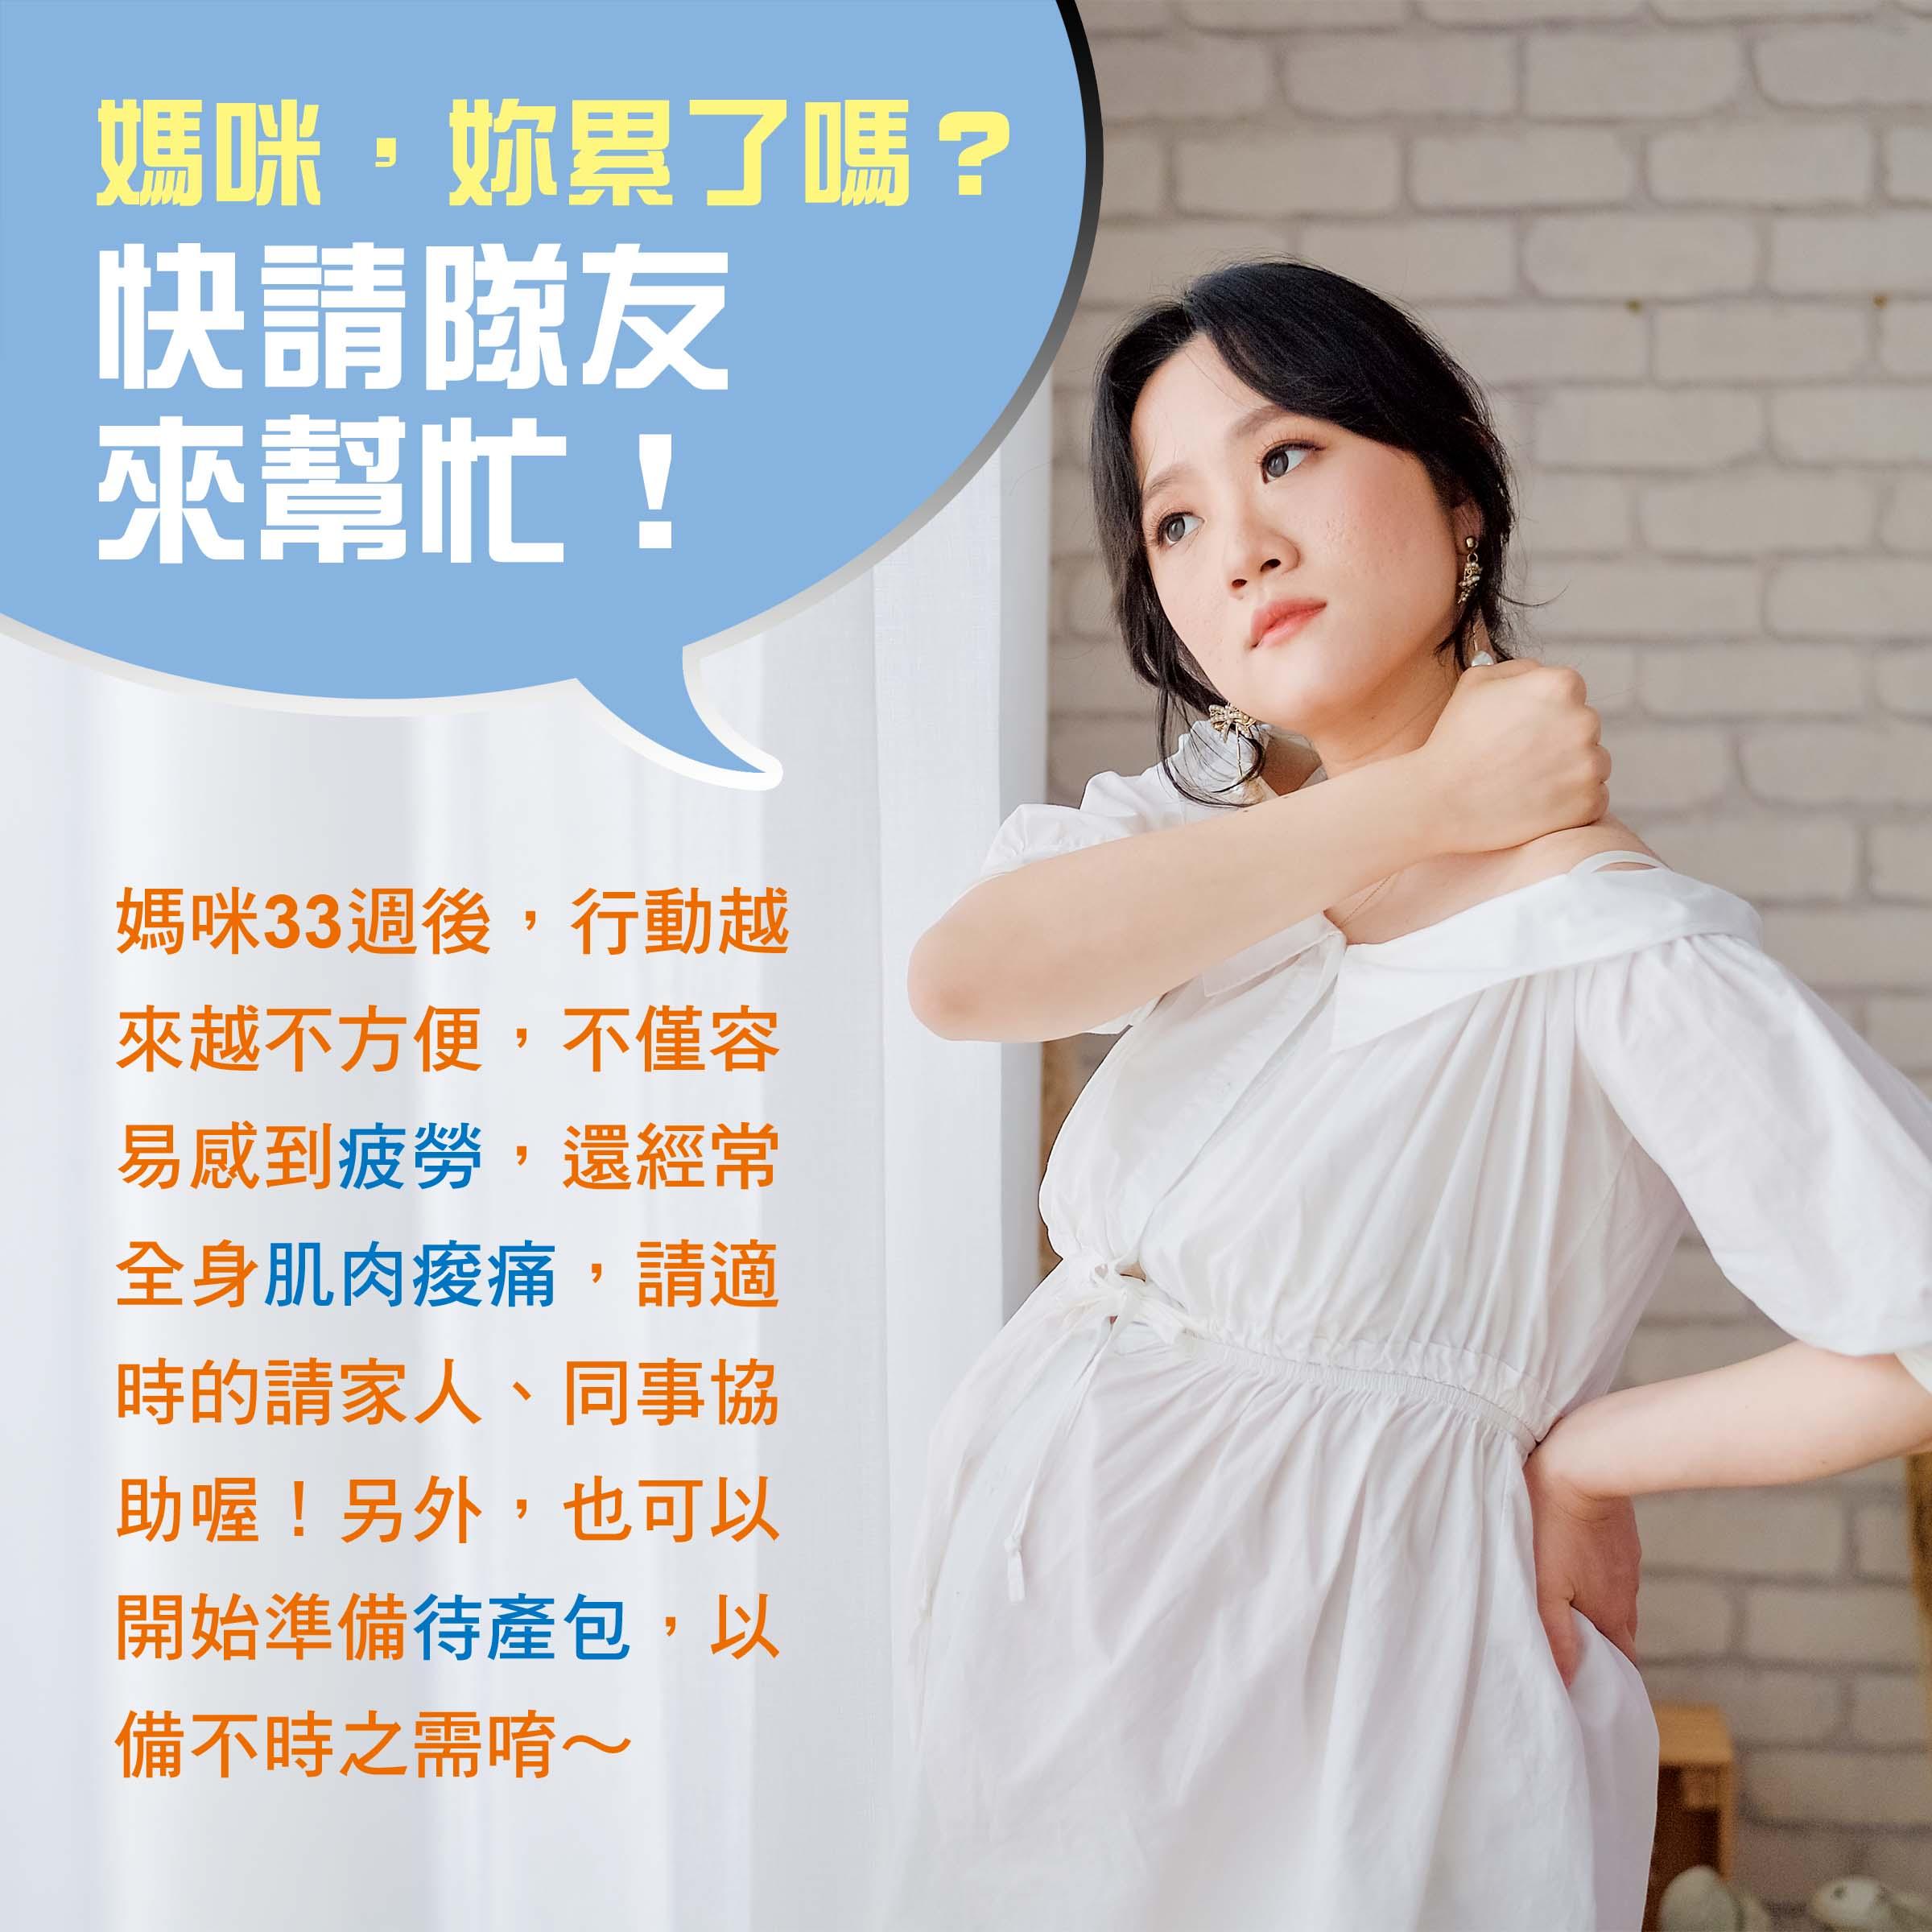 懷孕第33週-媽咪,妳累了嗎?妳請隊友來幫忙!